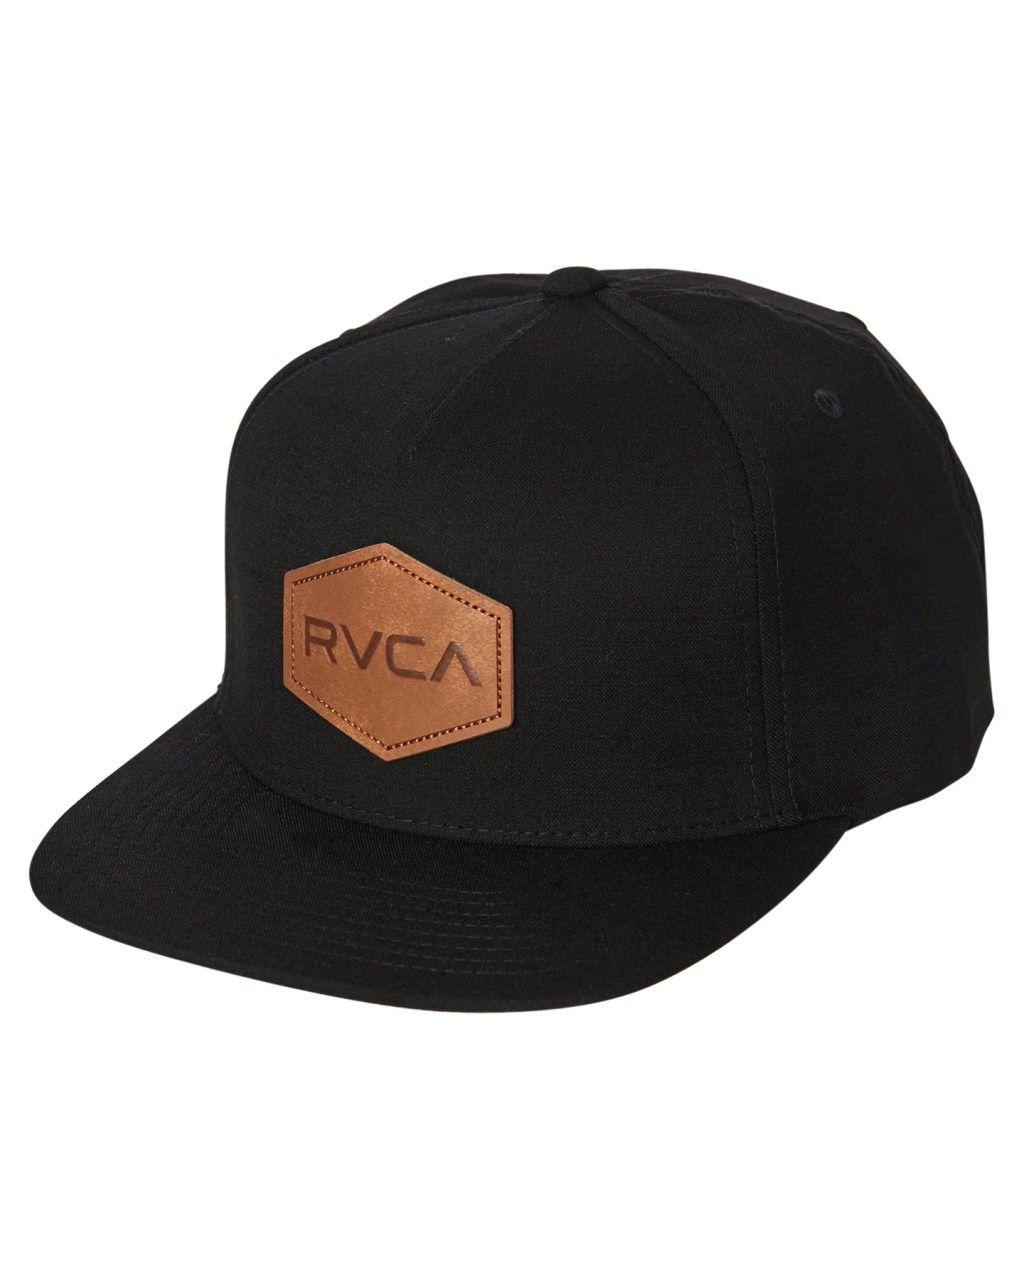 88e2d6e4 Rvca Commonwealth Deluxe Snapback Cap Black Mens Accessories Other Size